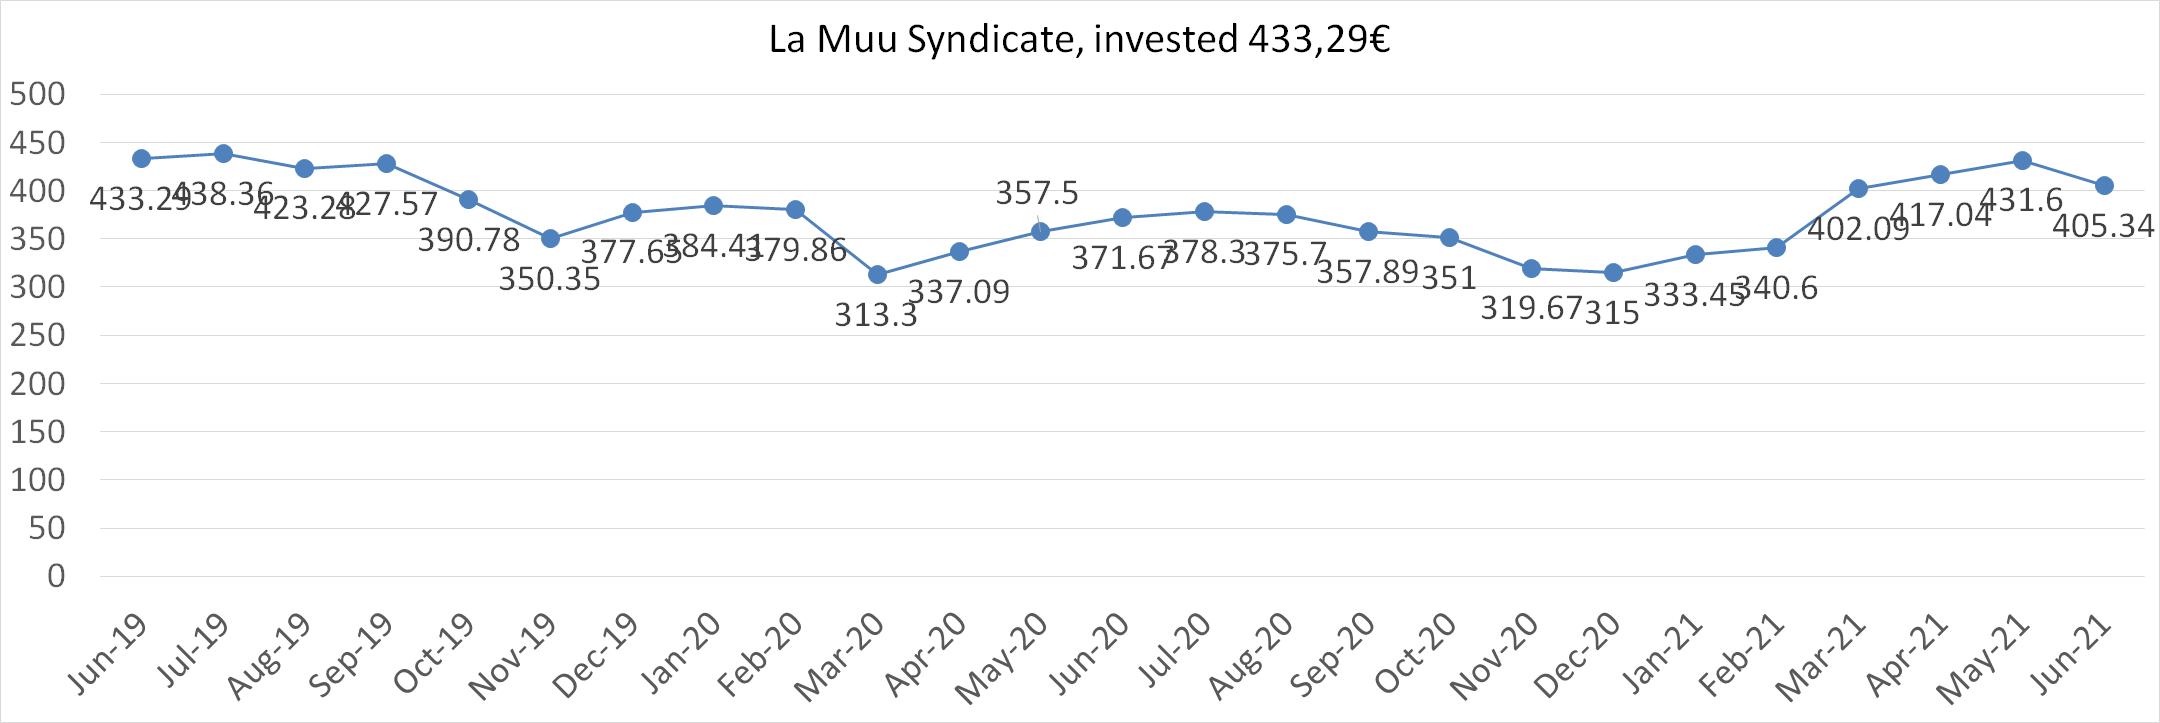 La Muu syndicate worth june 2021